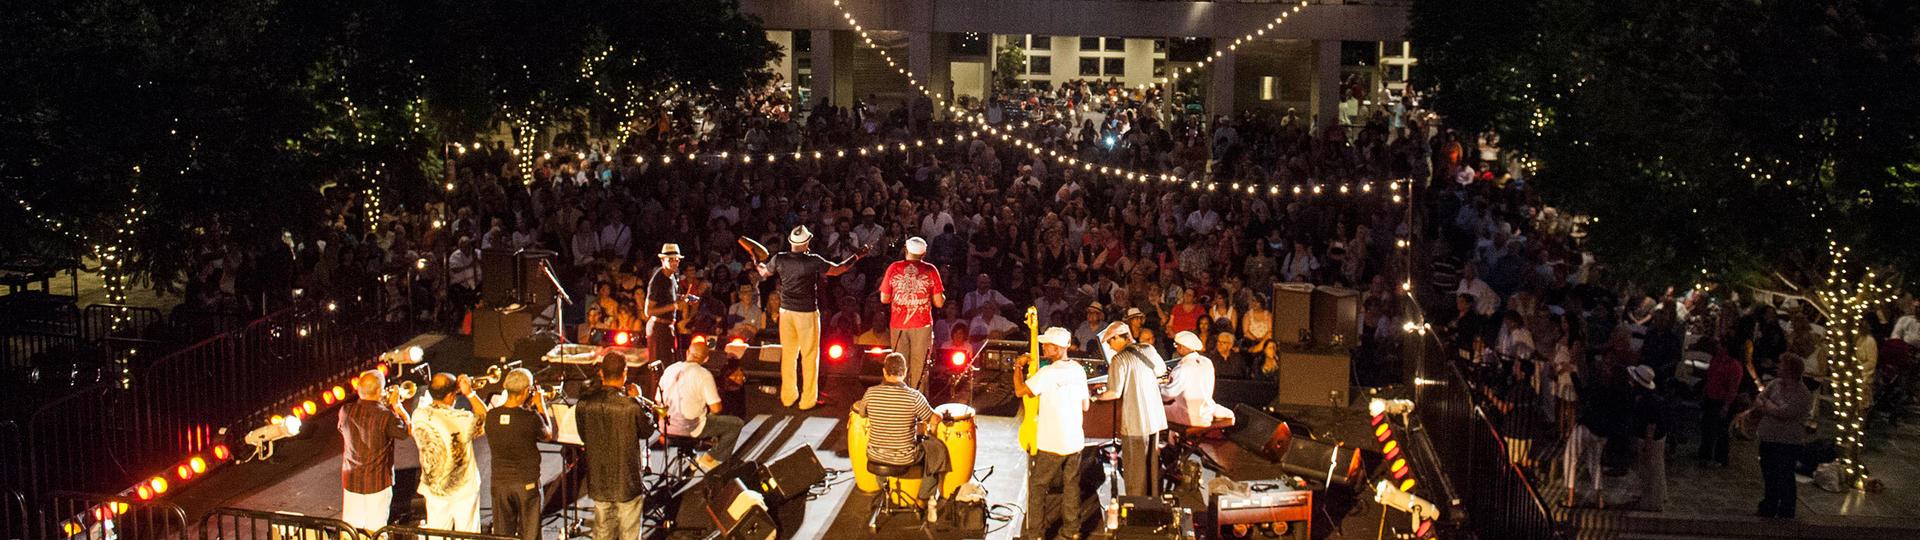 Sunset Concert